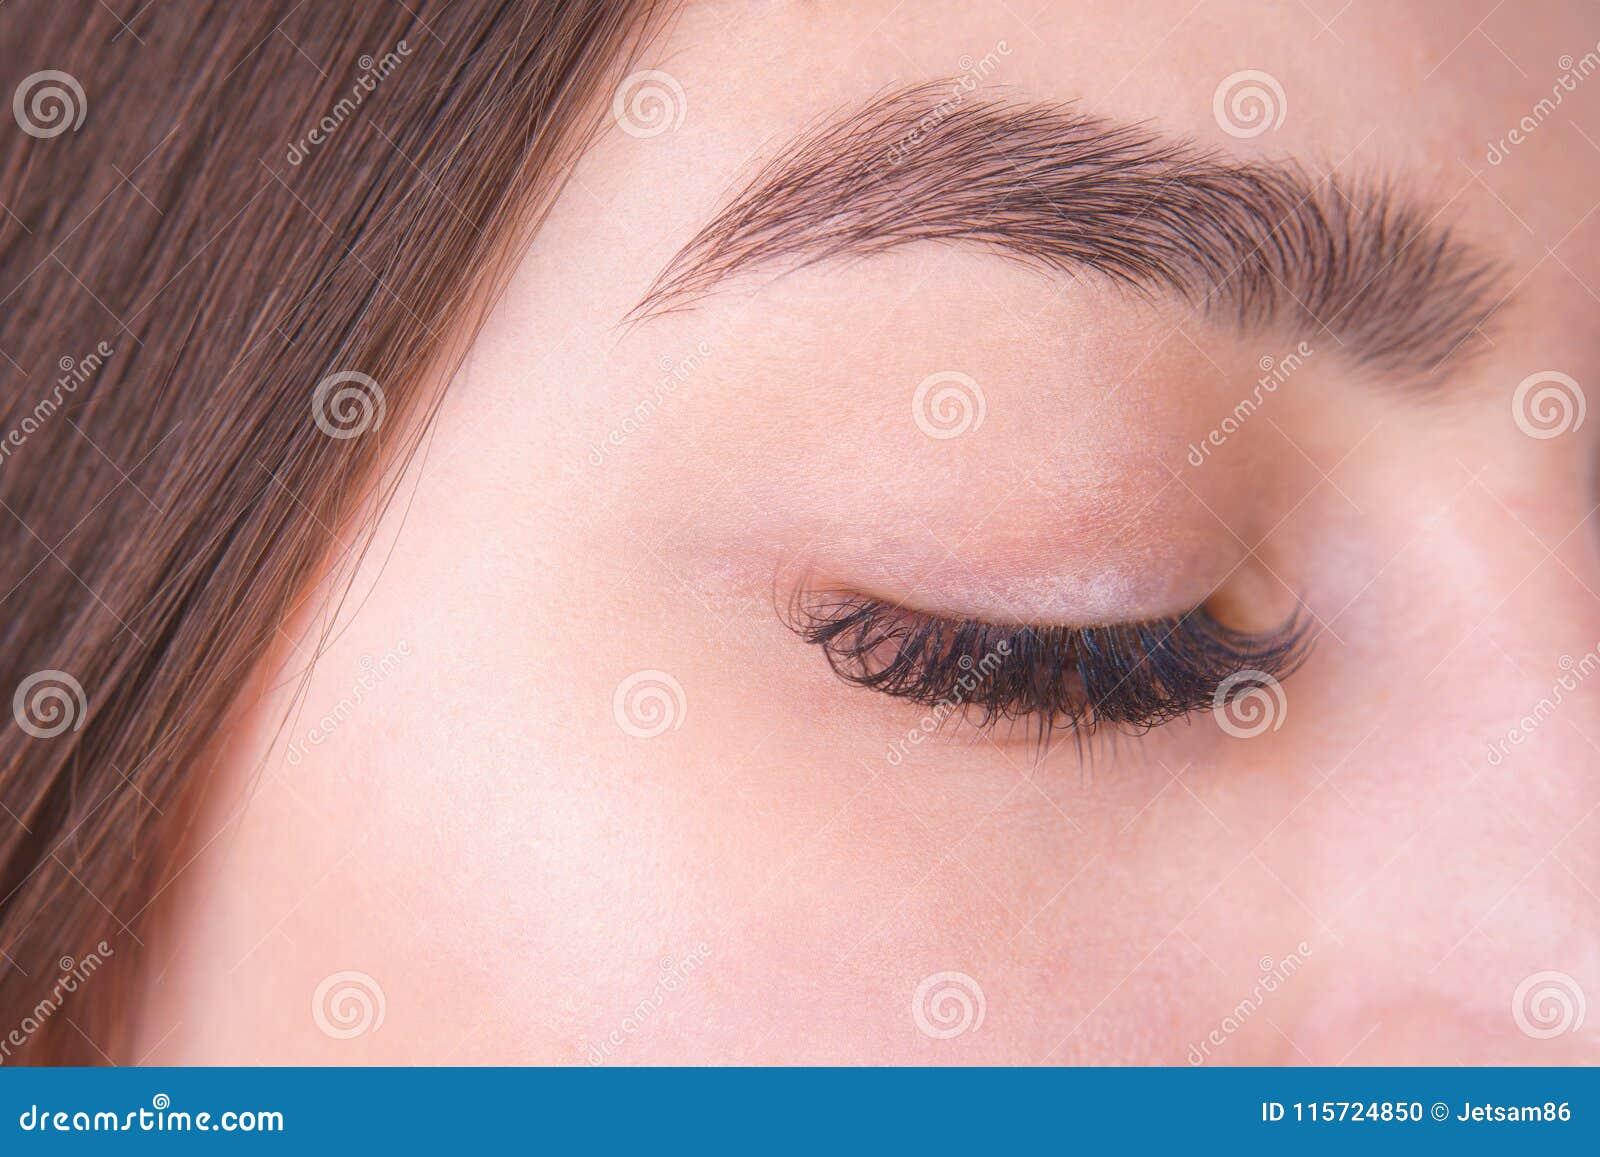 Gesloten vrouwelijk oog met lange wimpers en mooie wenkbrauw, CLO